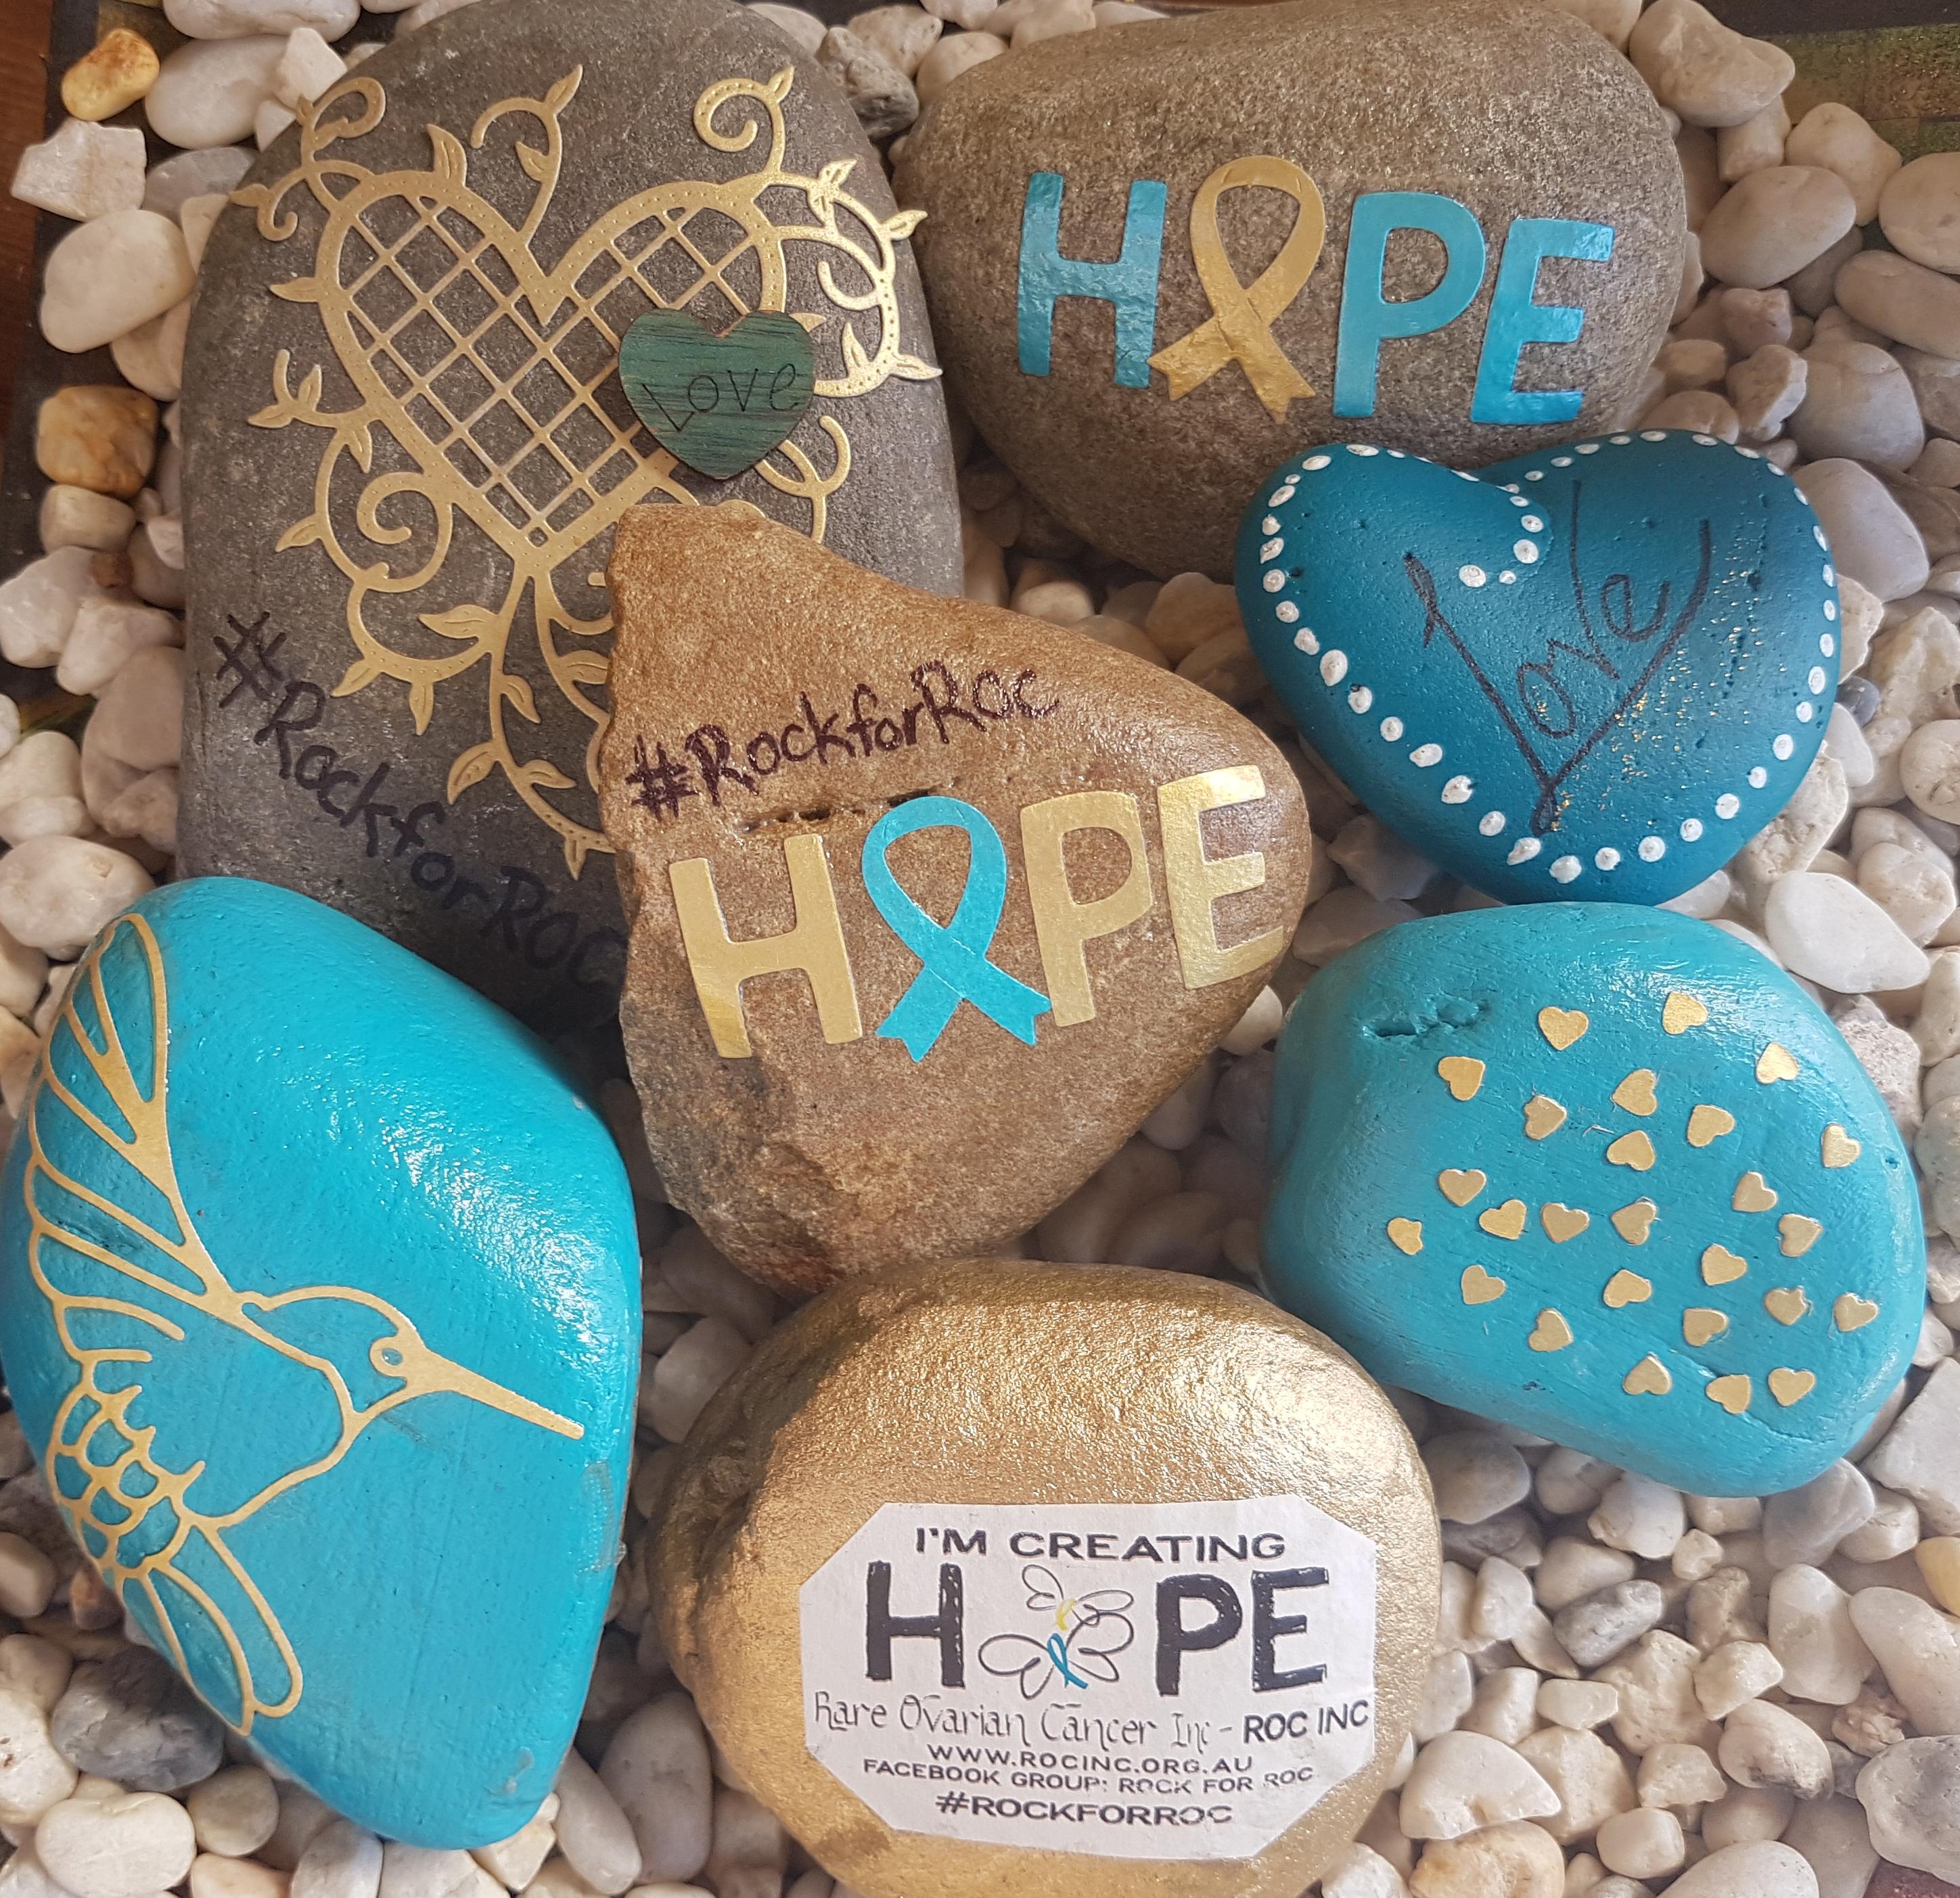 World Ovarian Cancer Awareness Day May 8th Roc Inc